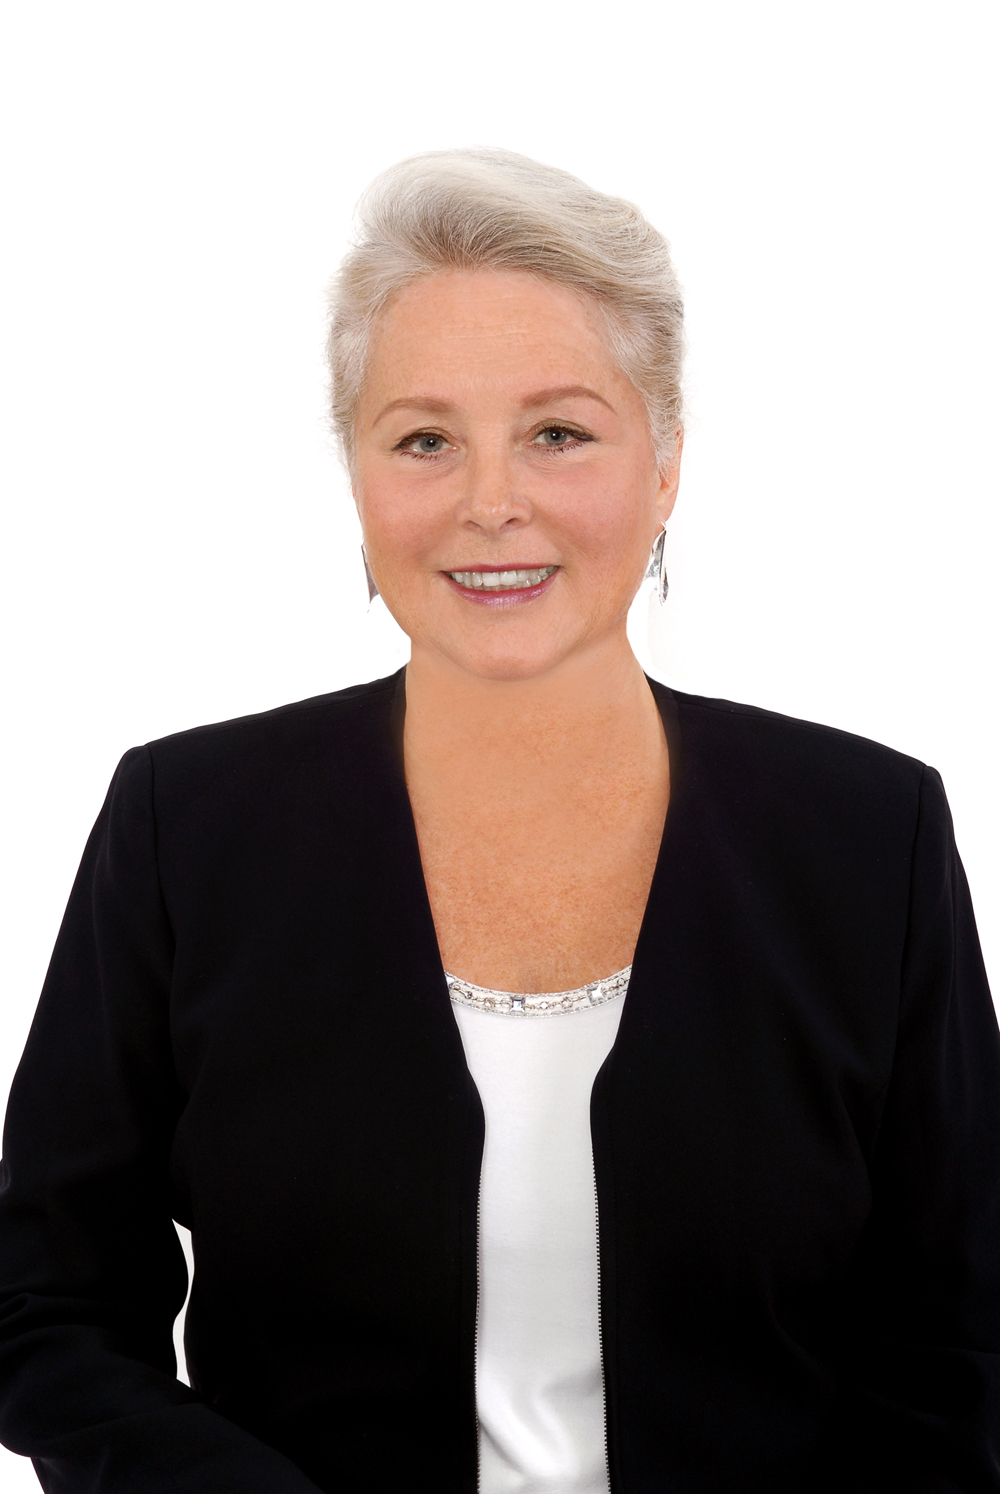 Marion Crandall